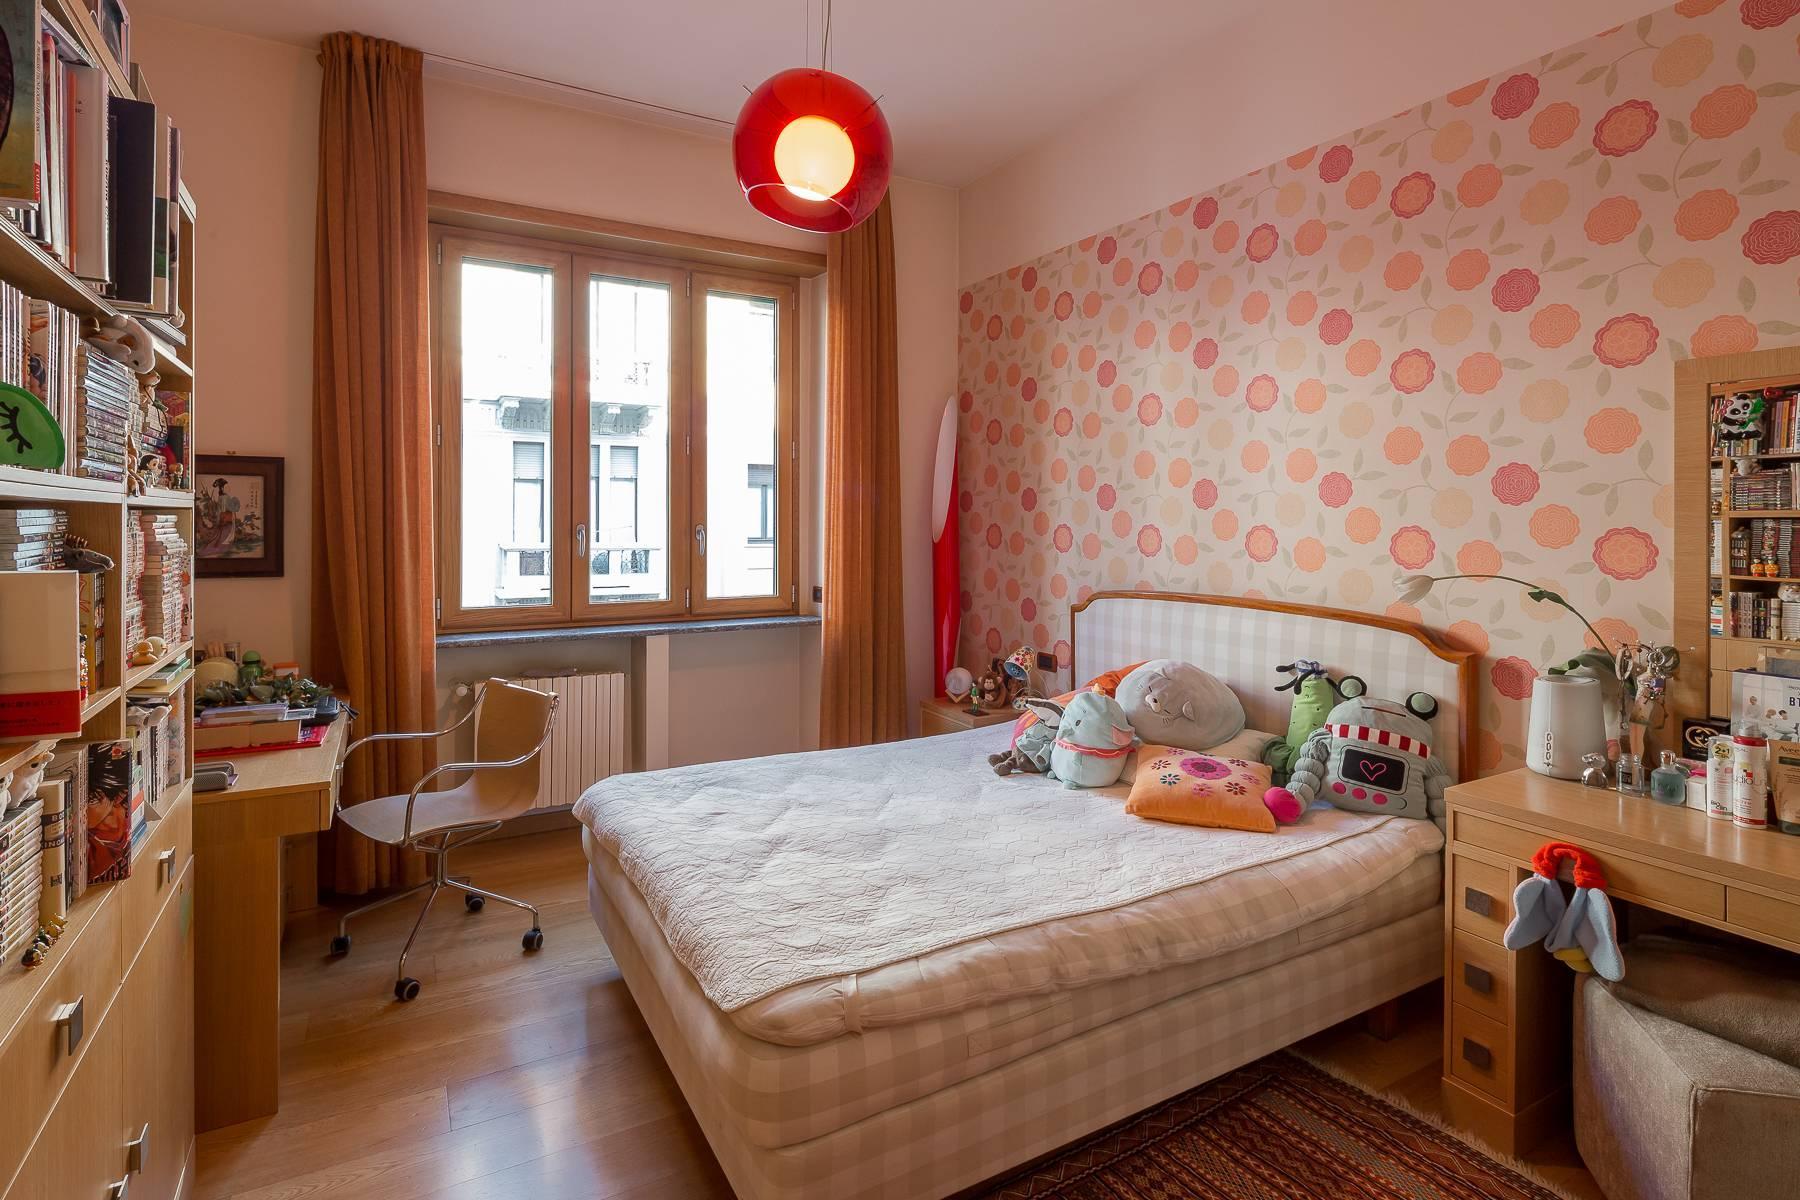 Квартира в классическом стиле на via Besana - 11